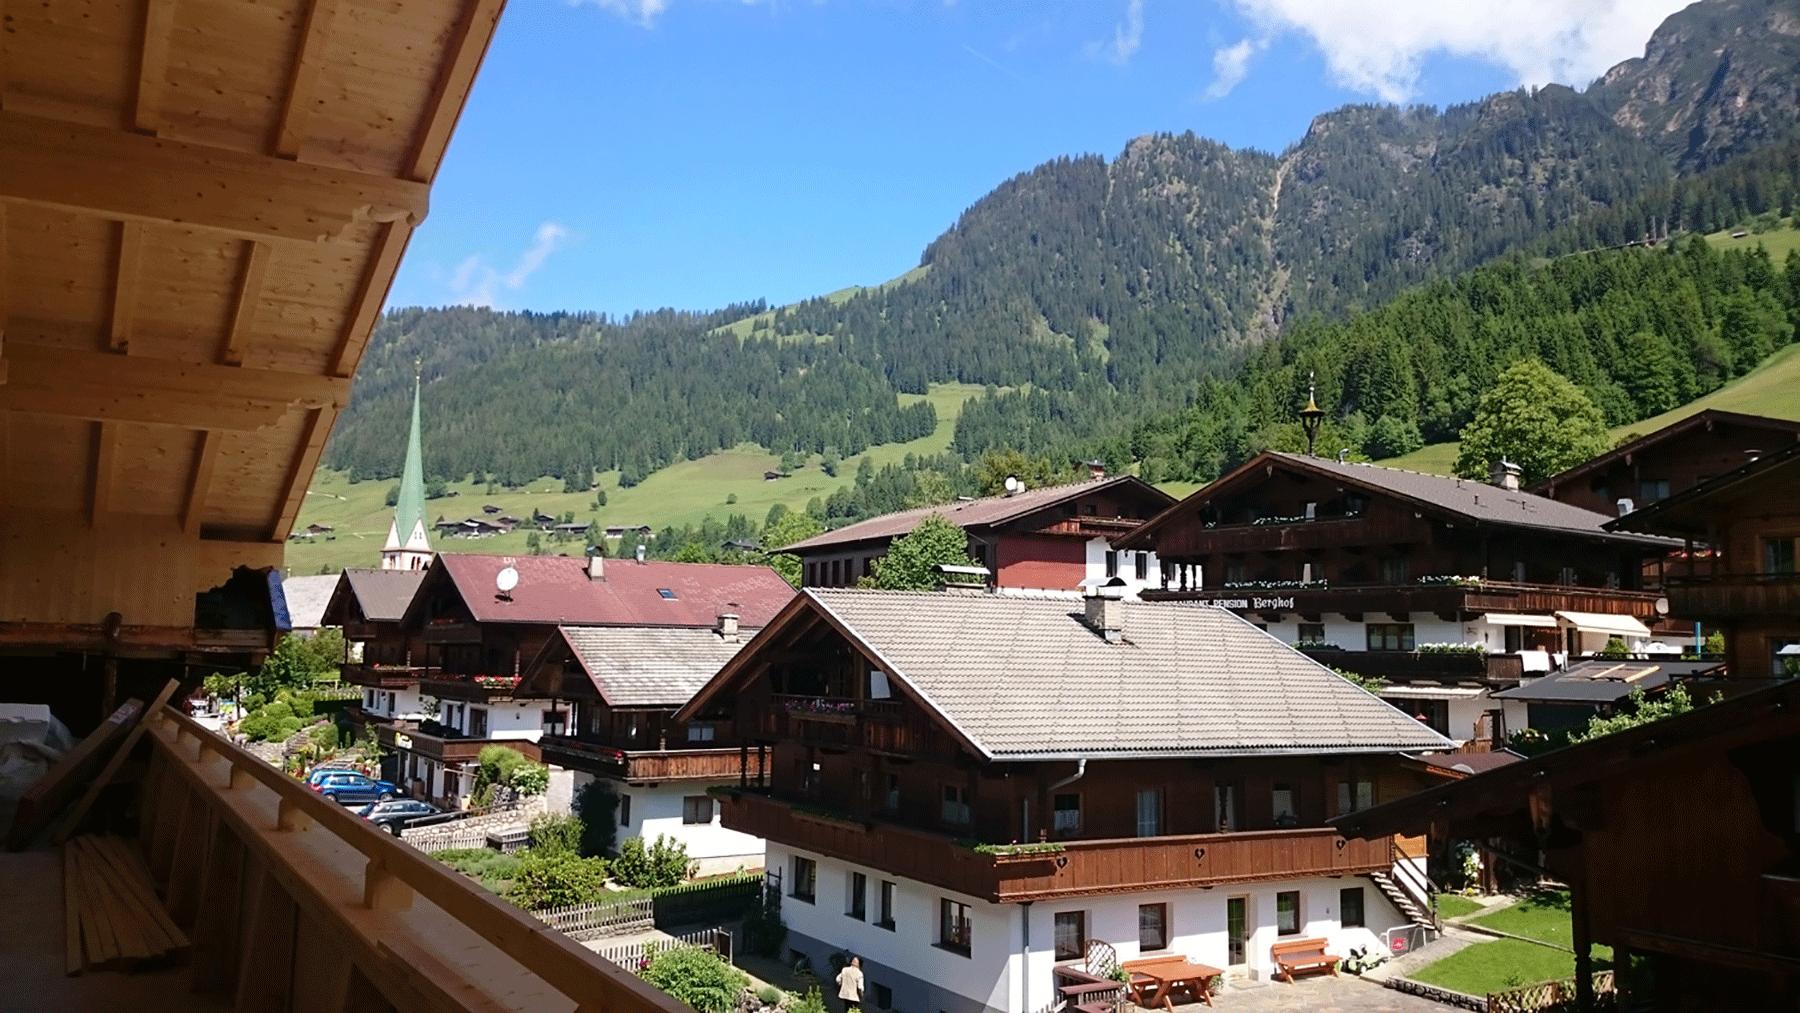 Zubau Juni 2016 im Naturhotel Alpbachtal mit Aussicht vom Balkon